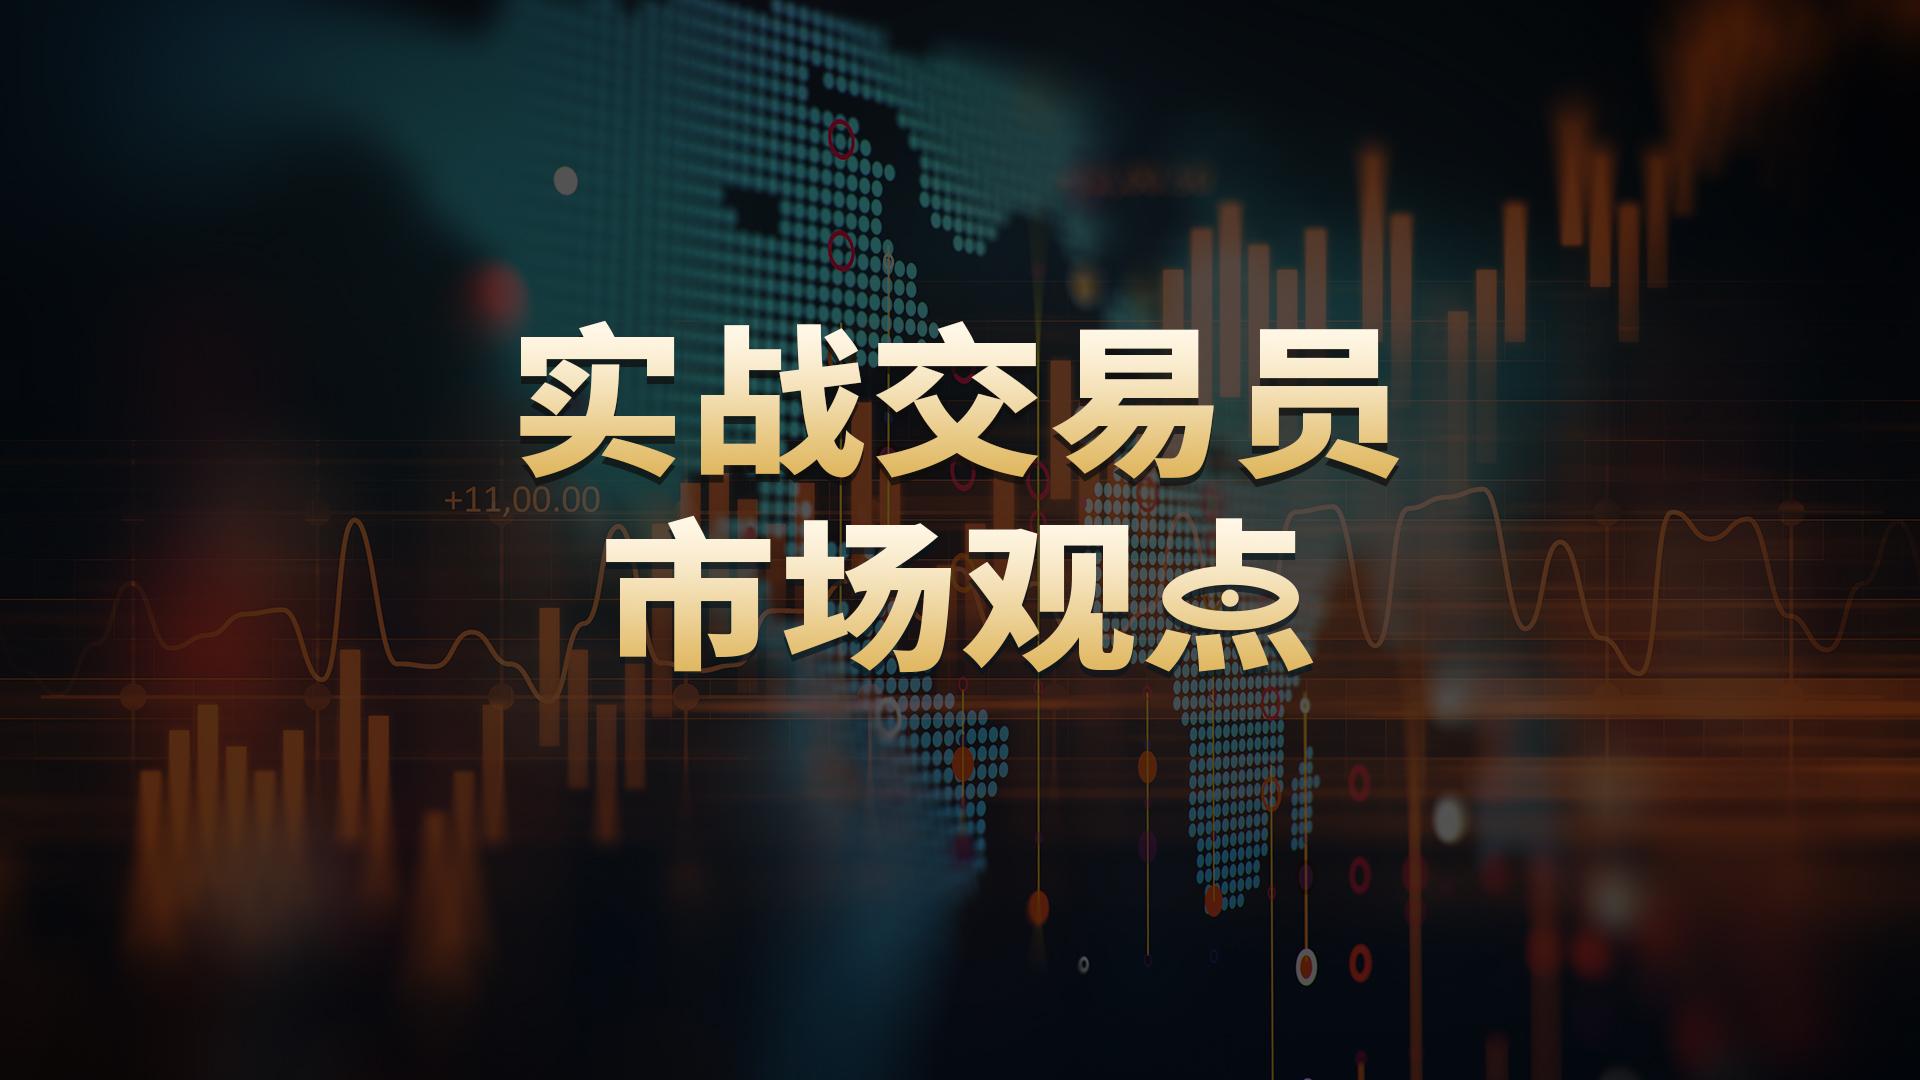 实战交易员市场观点-5月6日(黄金&英镑)